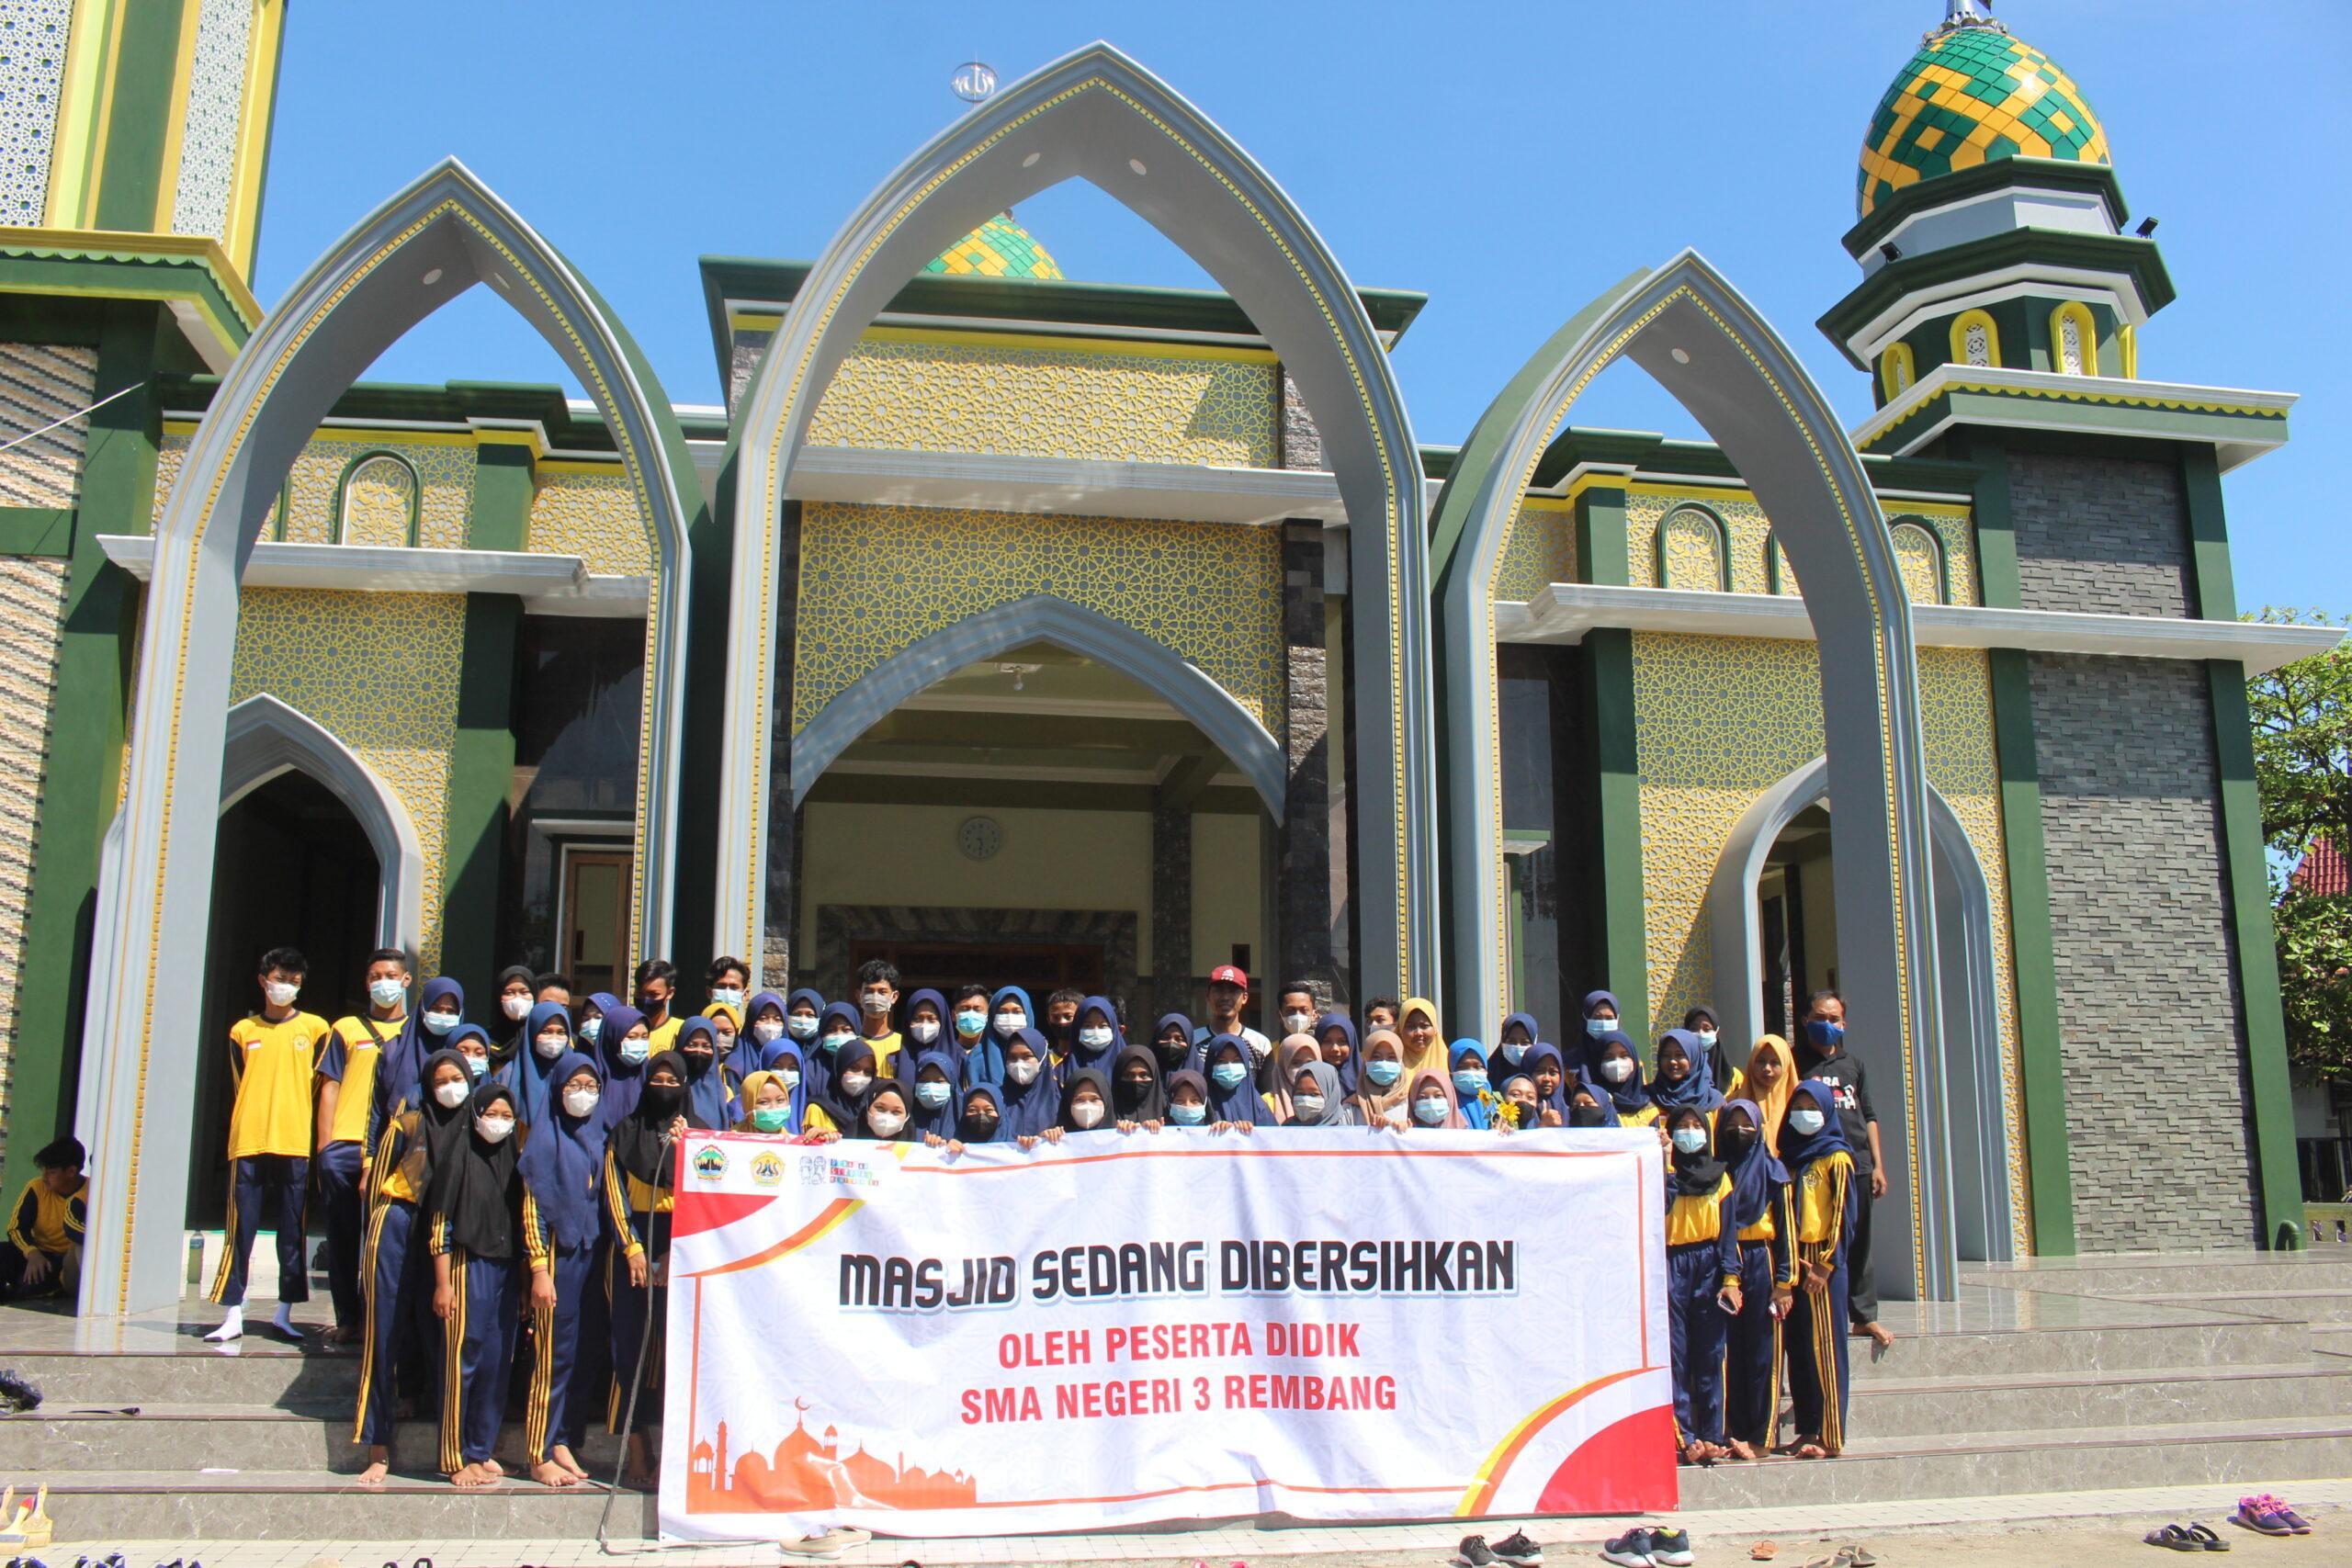 Bersih-bersih Masjid